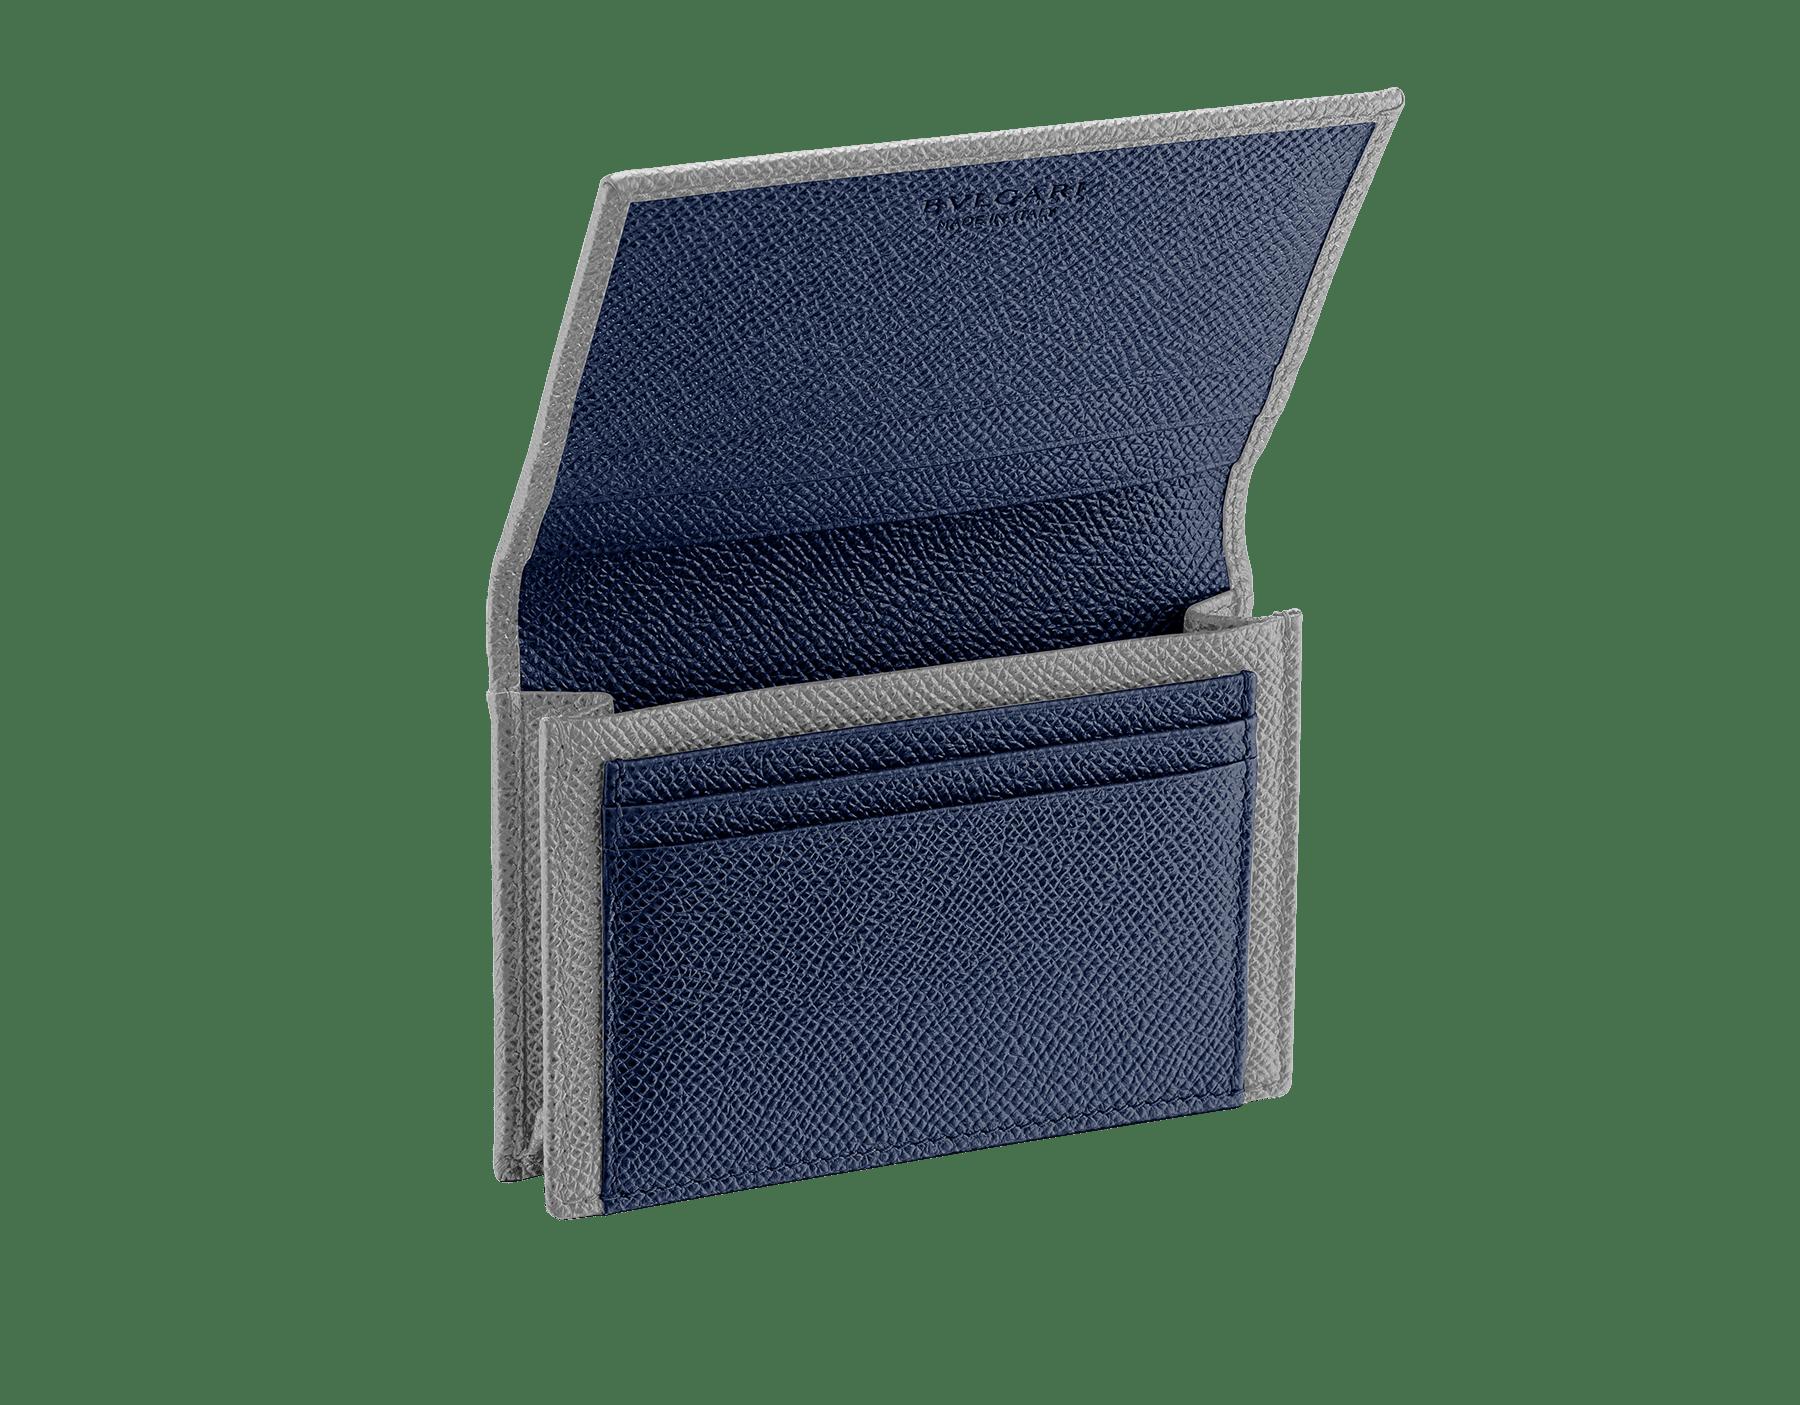 プルートストーングレーとデニムサファイアブルーのグレインカーフレザーを使った「ブルガリ・ブルガリ」ビジネスカードホルダー。 パラジウムプレートブラス製のロゴ装飾。 290700 image 2